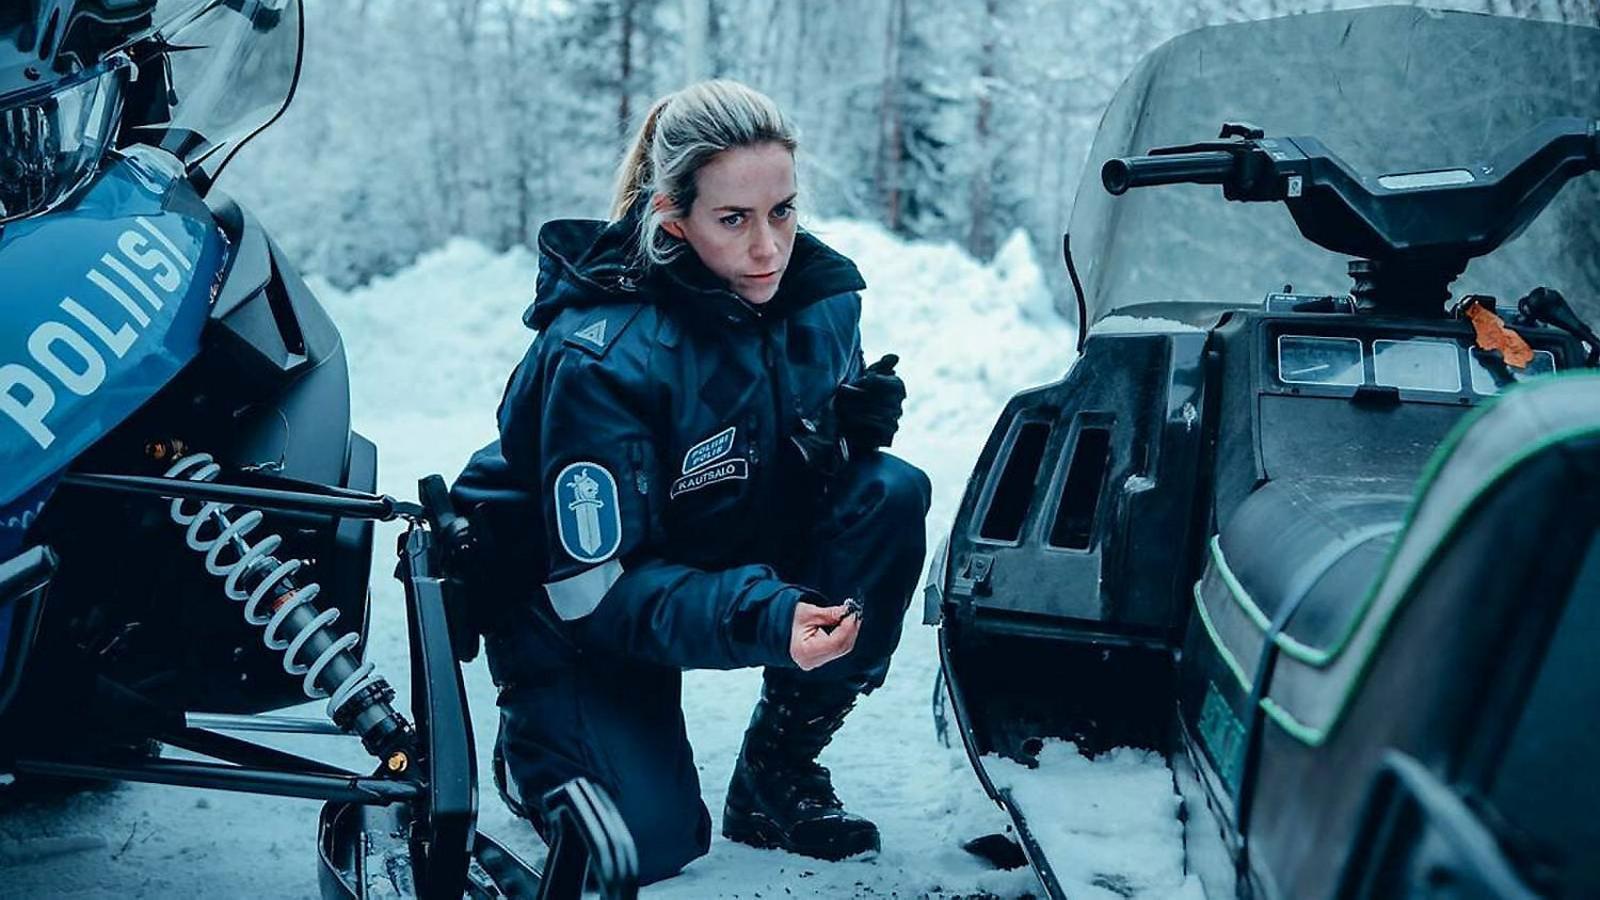 Cosmo estrena 'Ártico', un 'nordic noir' de factura finlandesa